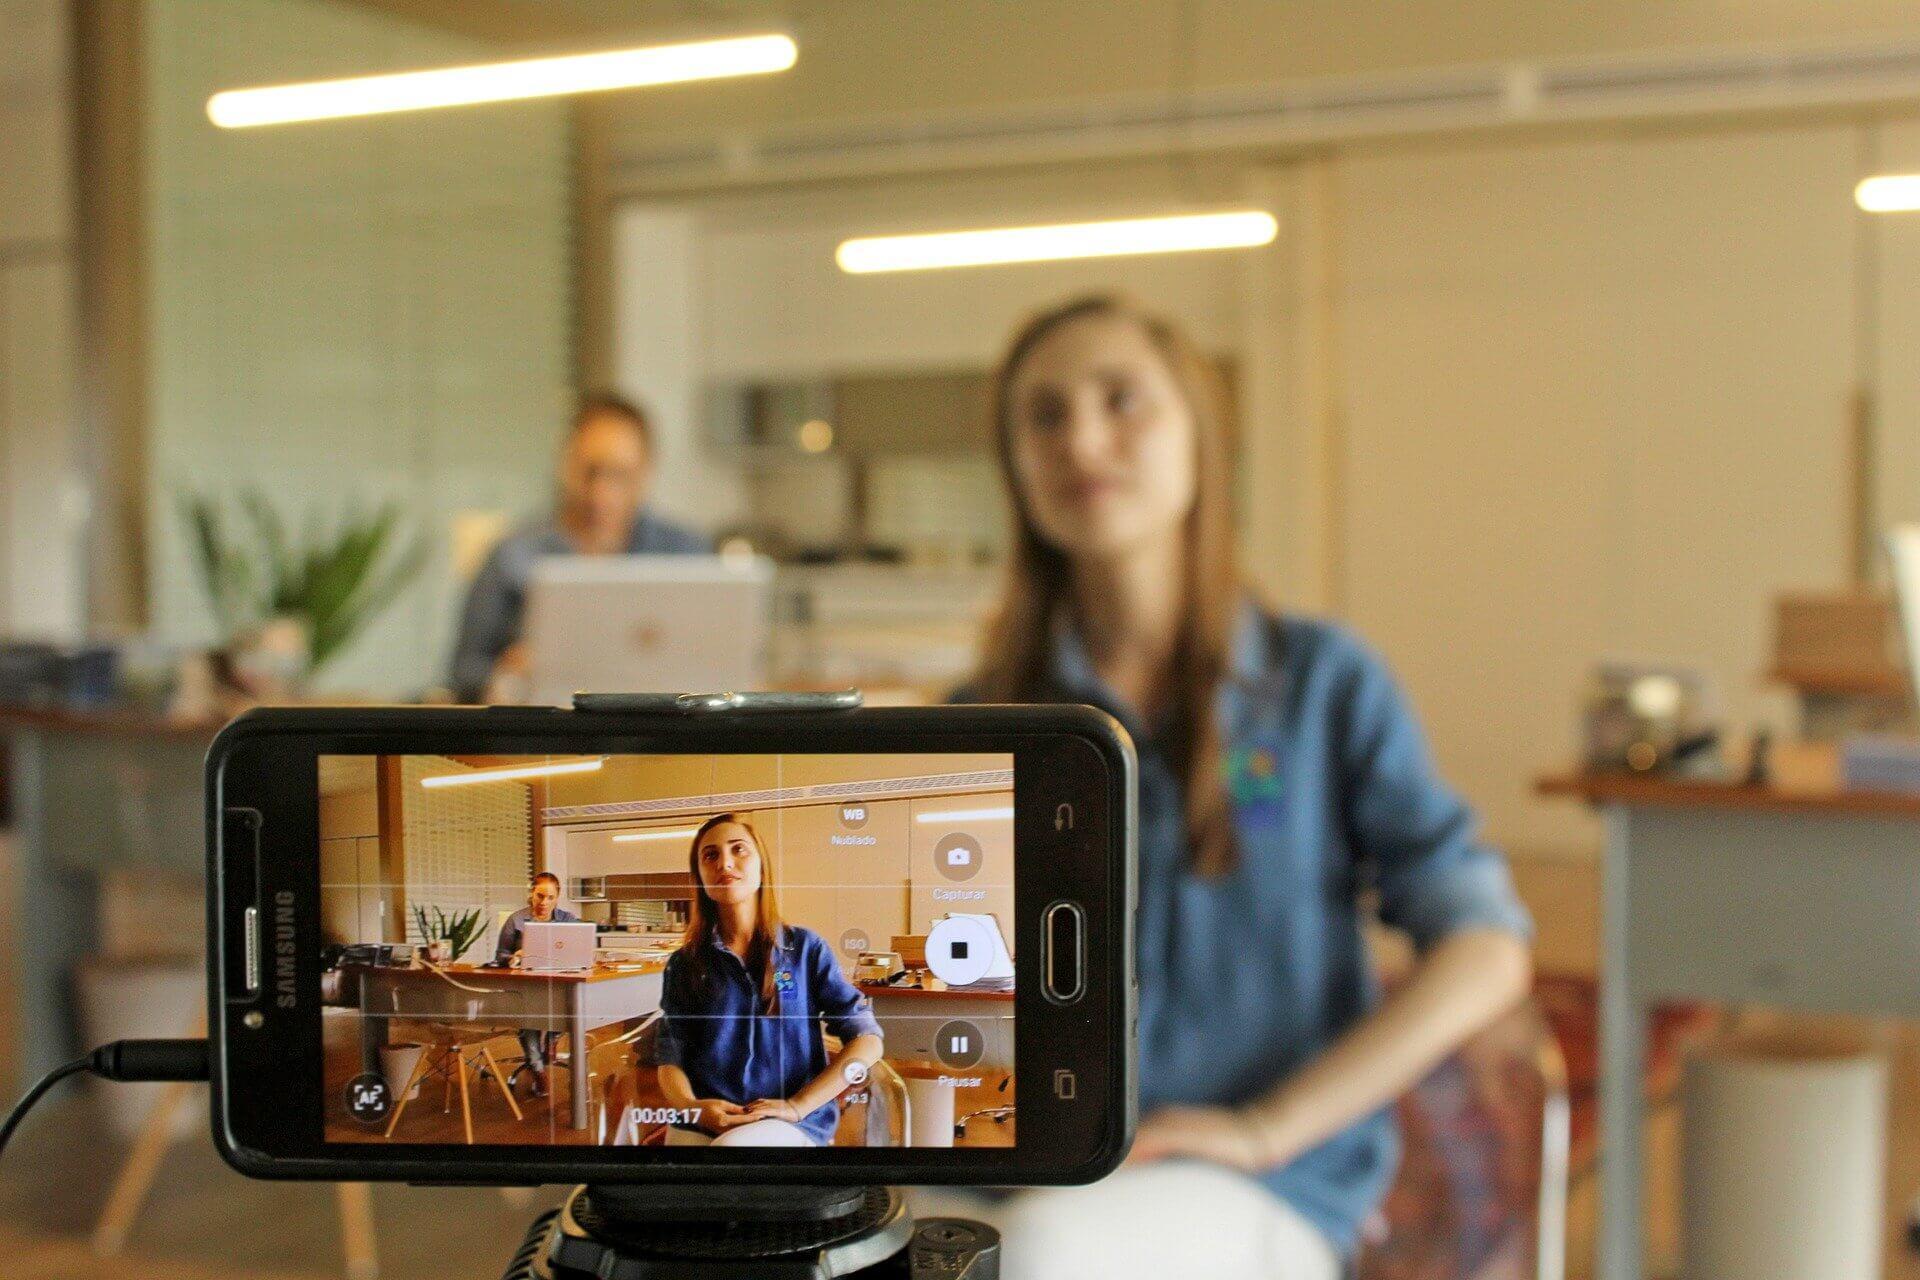 Frau vor und im Smartphone beim Filmen